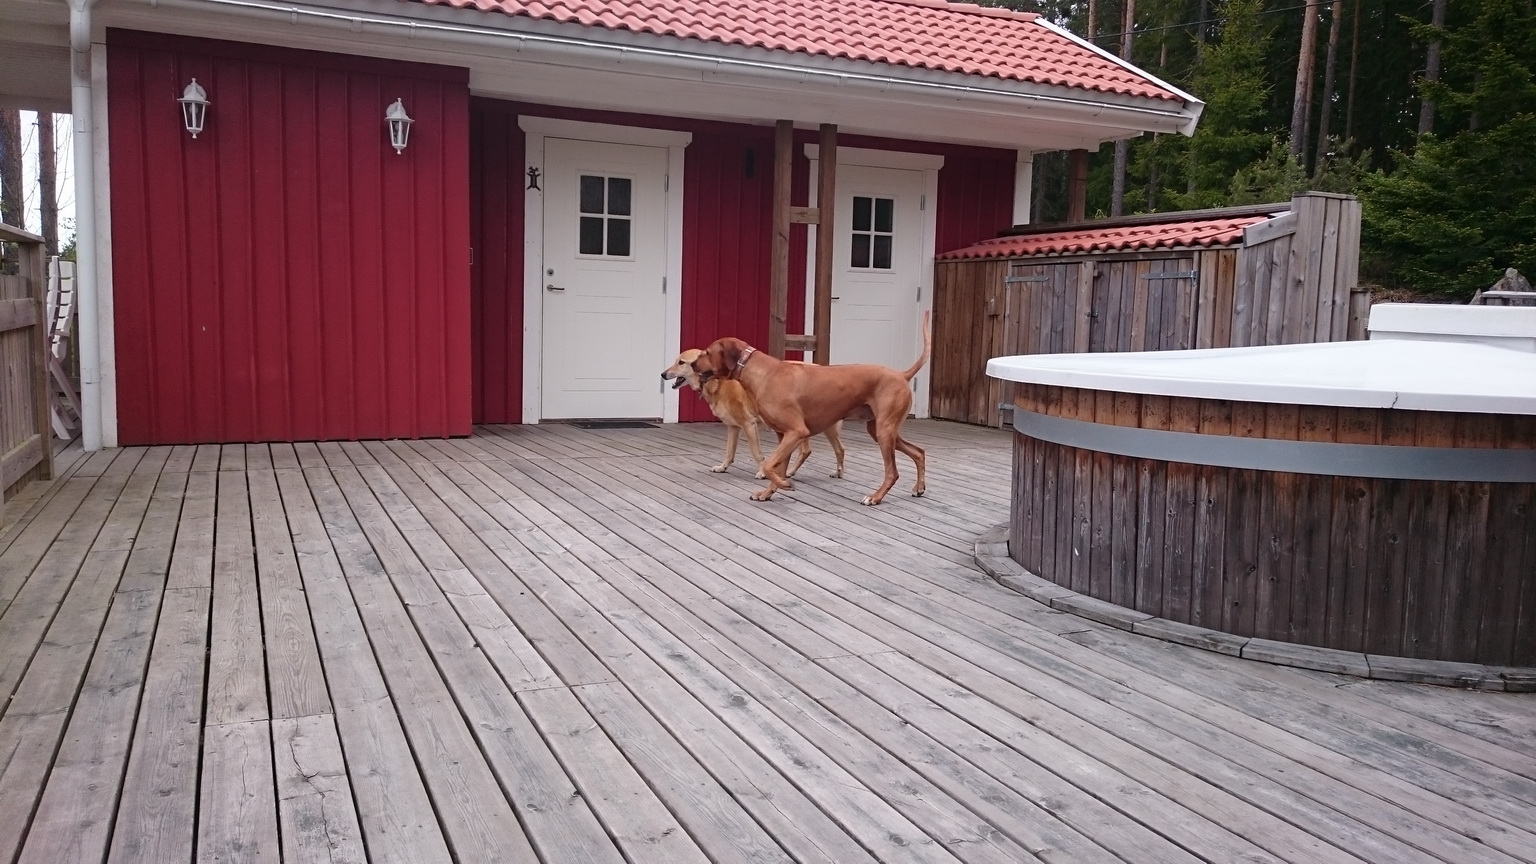 Die Pfeiffers in Schweden - Die Hunde können auf der großen Terrasse spielen